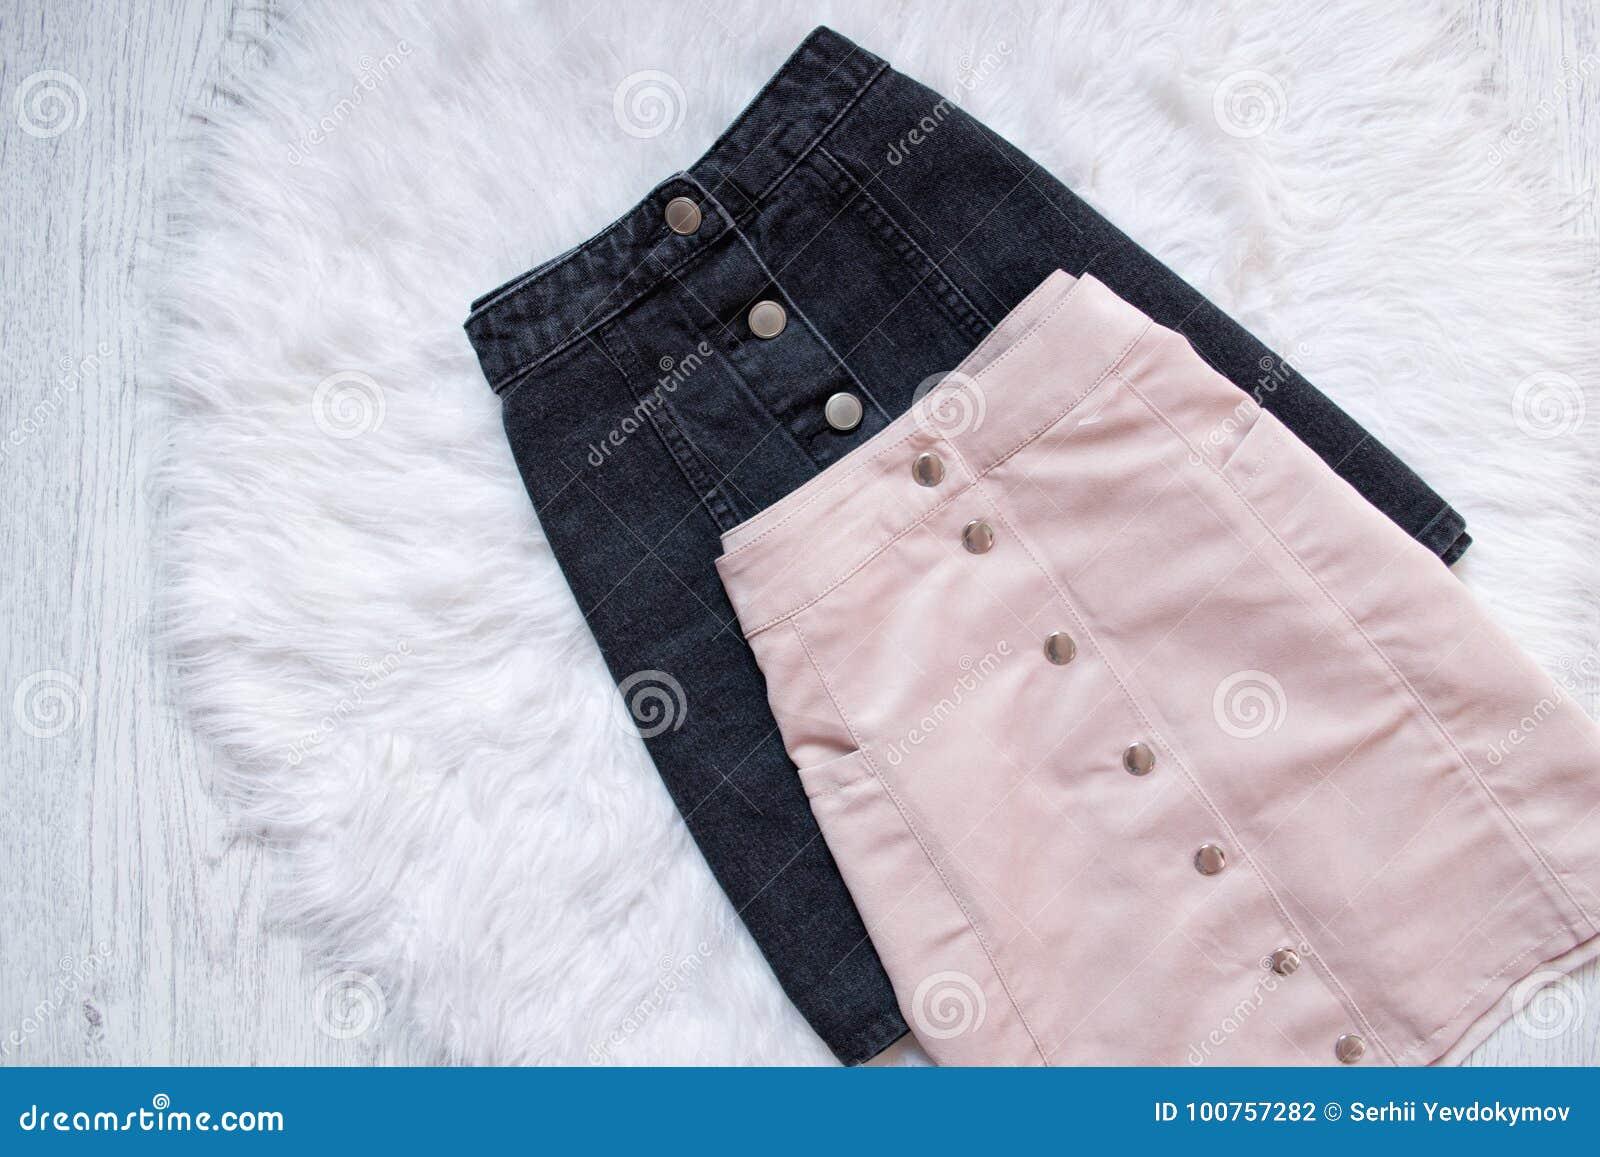 c70c477e5 Faldas Negras Y Rosadas Del Dril De Algodón Con Los Botones Concepto ...